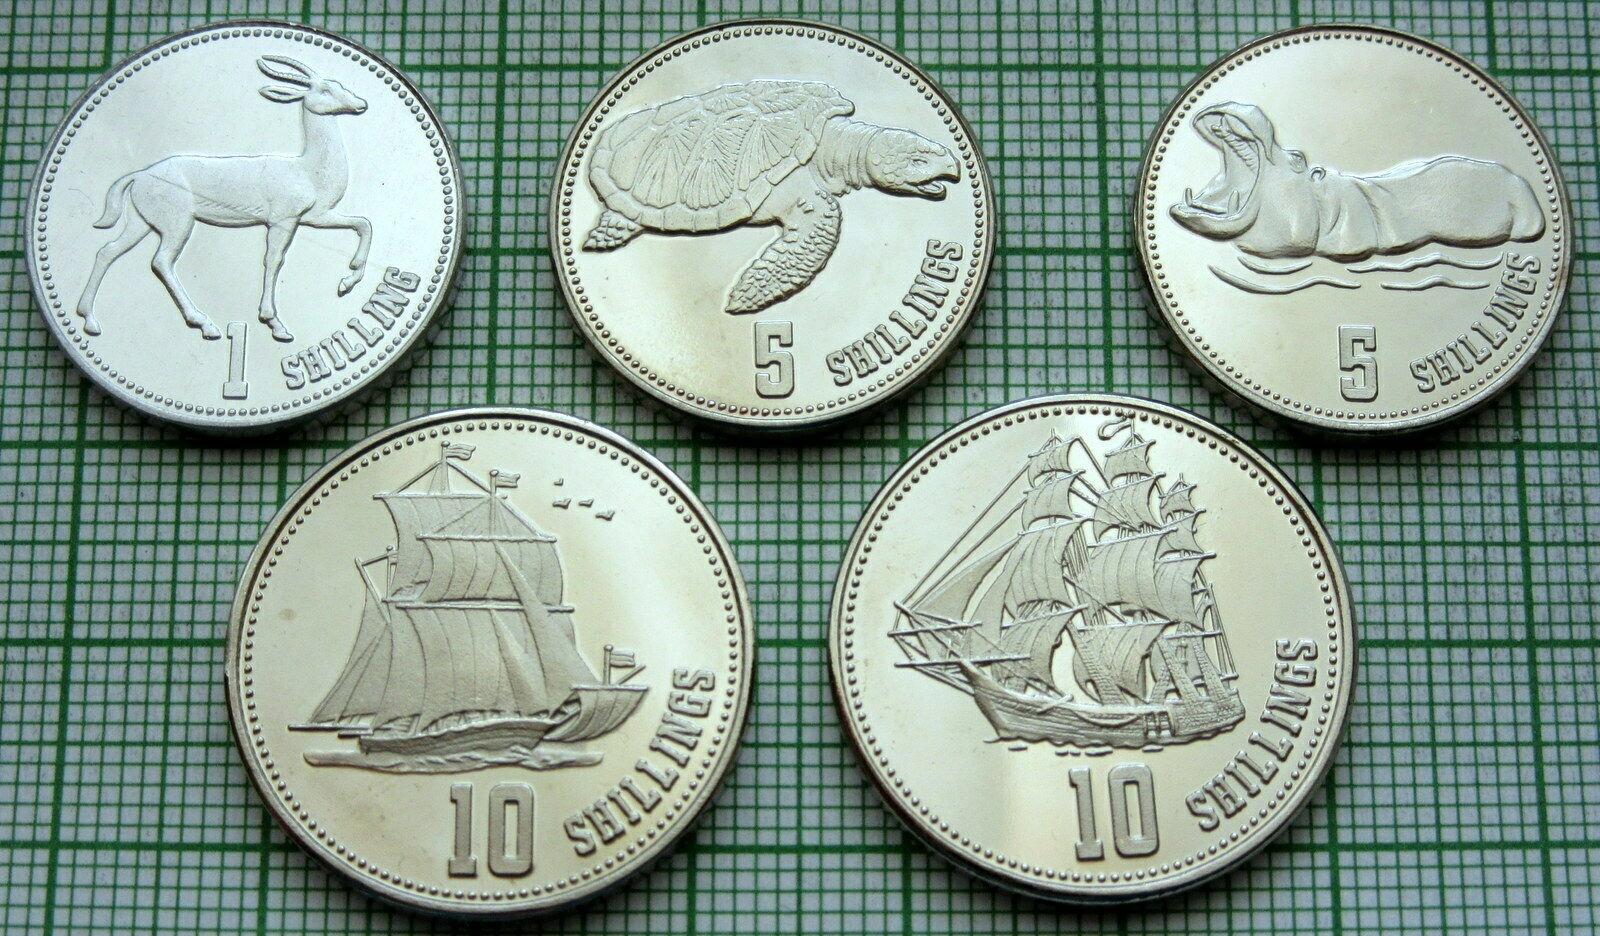 SOMALILAND zestaw 5 monet statki zwierzęta